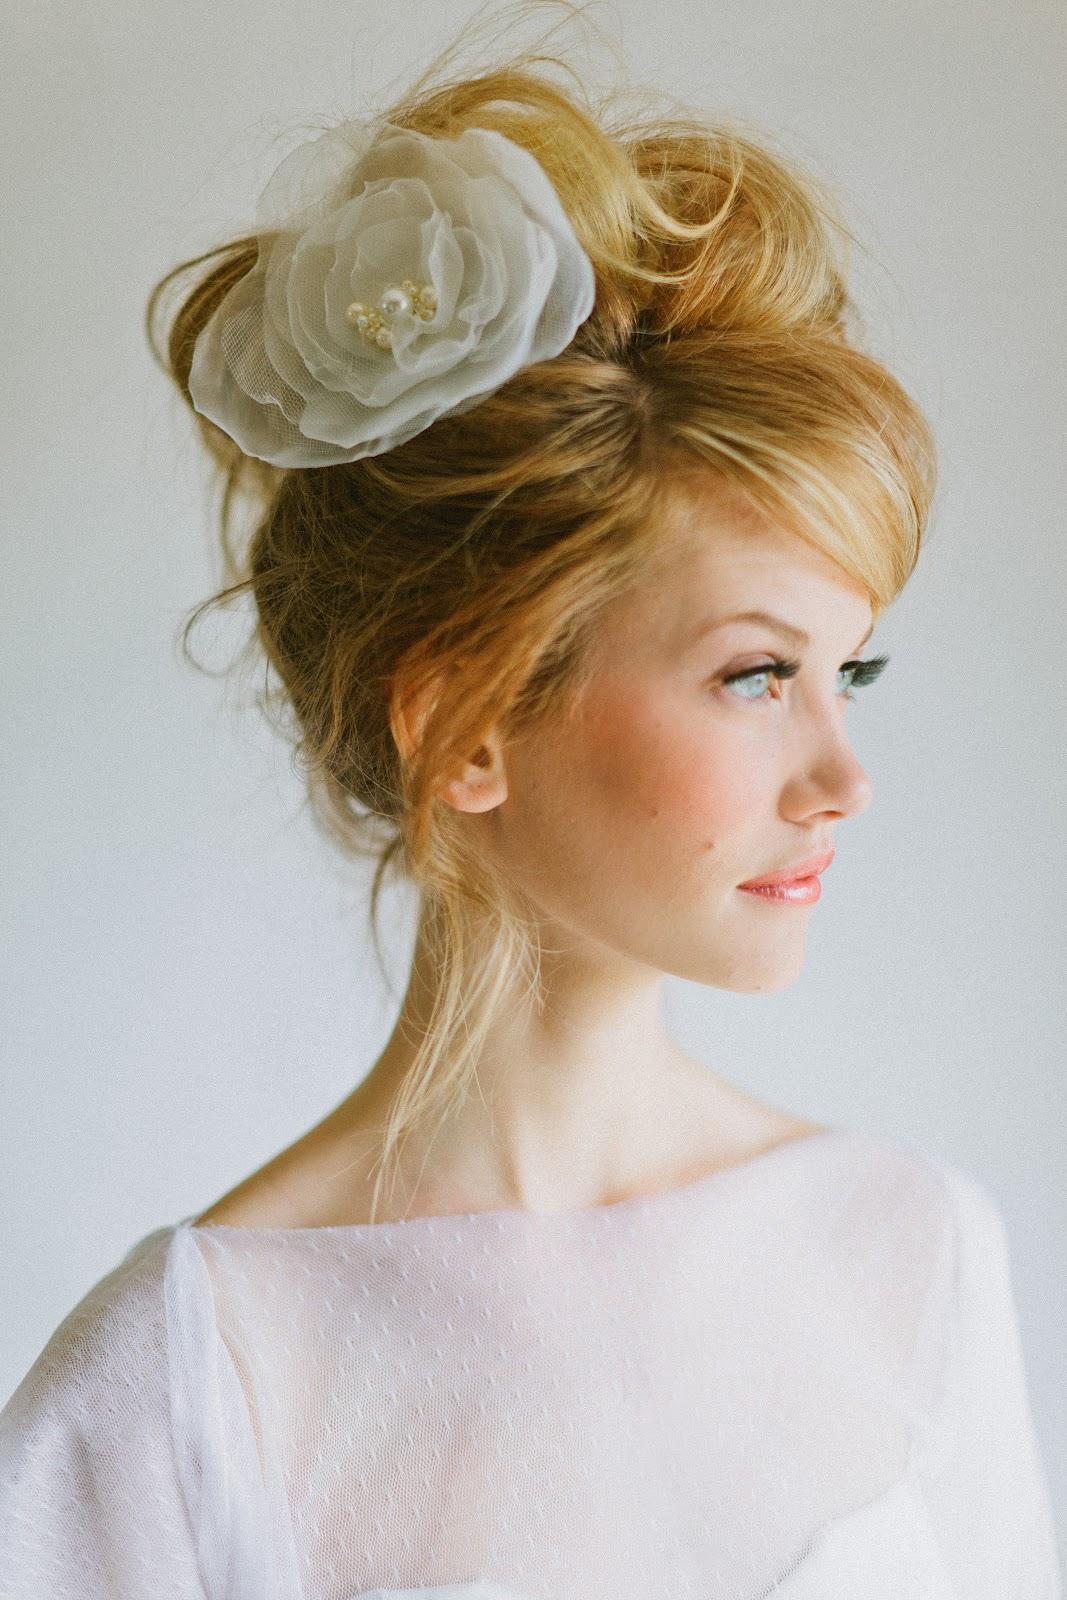 2012 bridal makeup trend #1: Coral